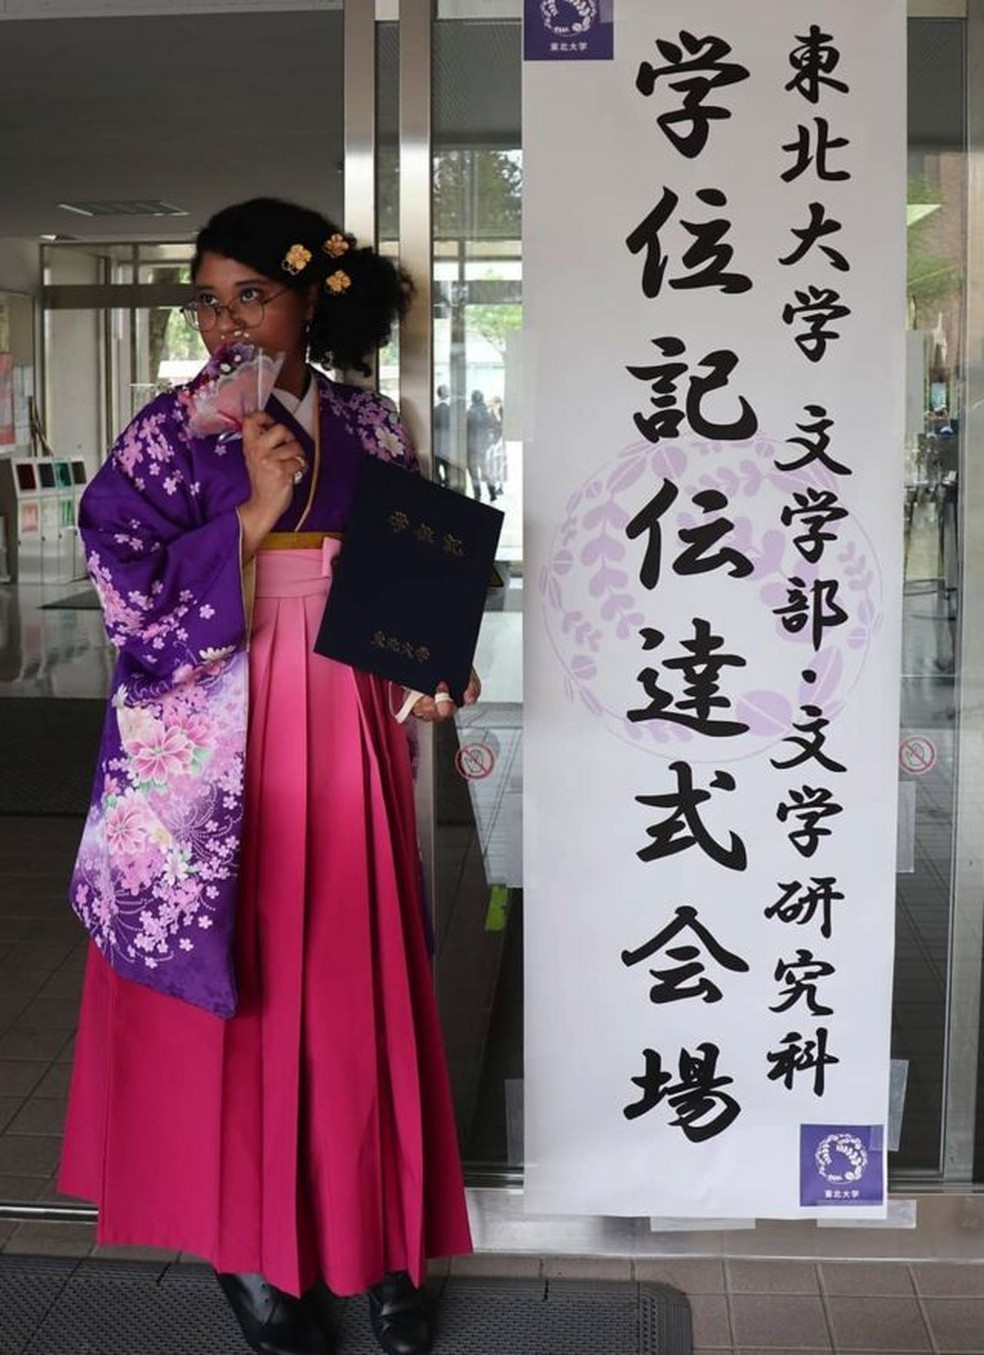 Marina conta que nunca passou situação crítica ou constrangedora por ser negra e estrangeira no Japão — Foto: Arquivo pessoal